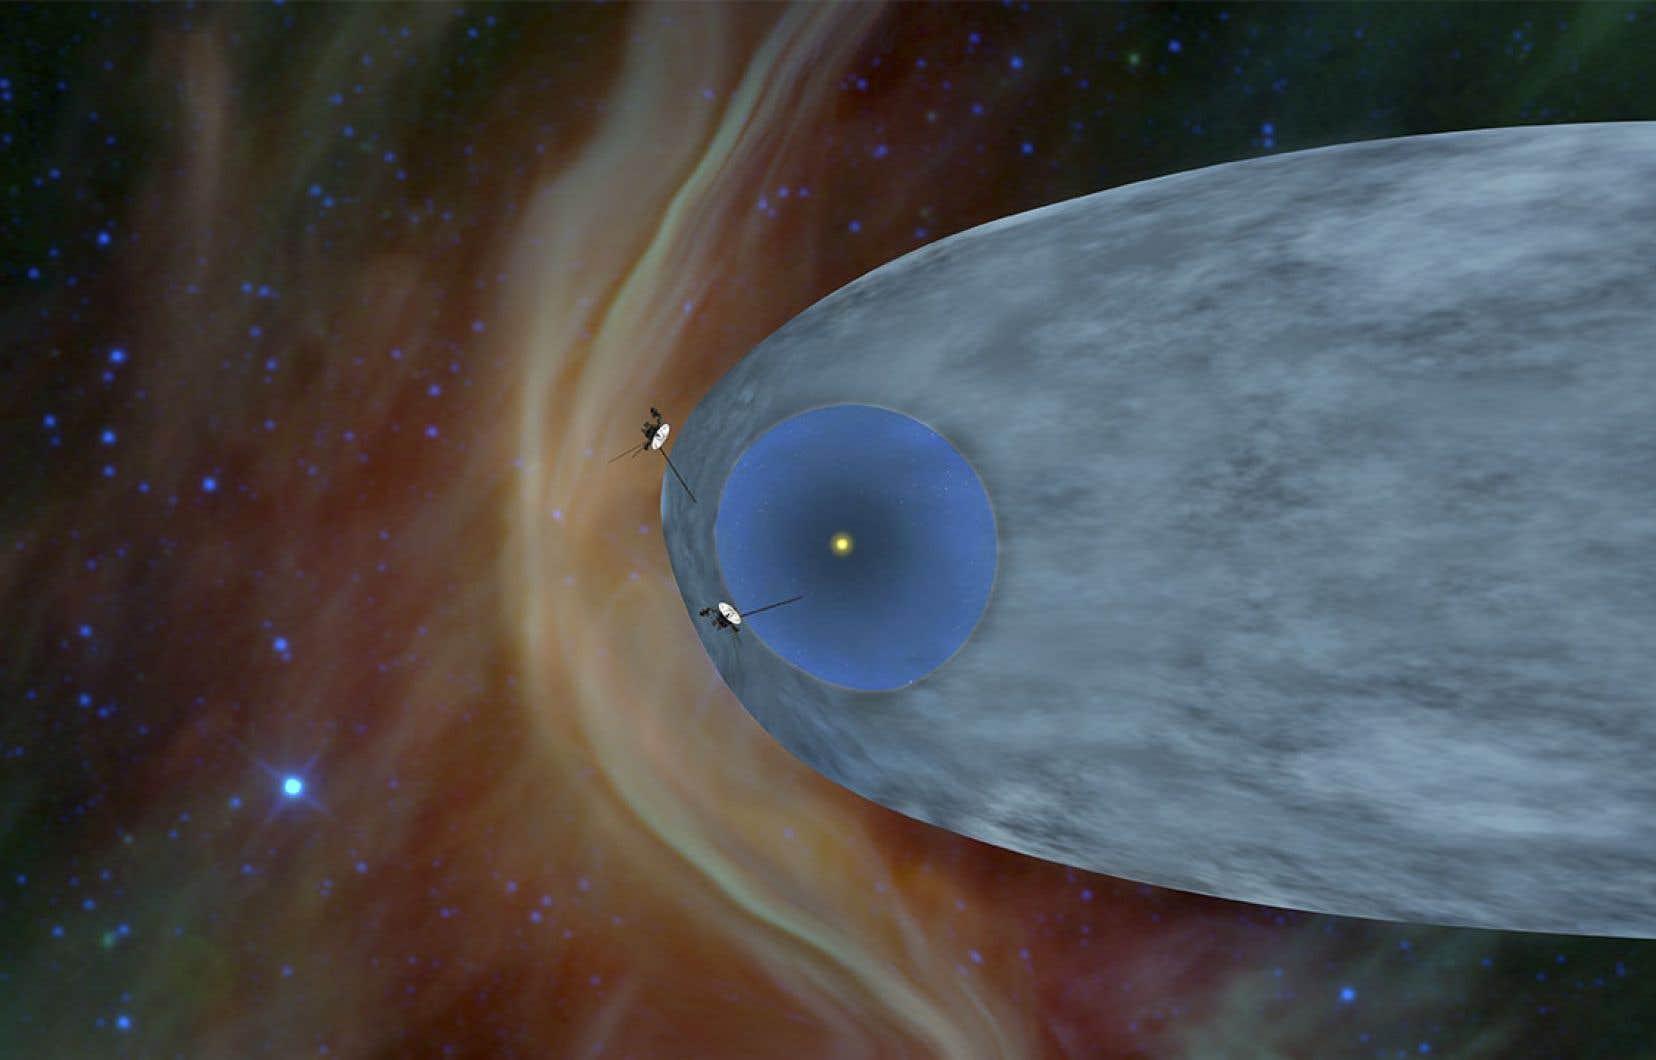 Le 5 novembre 2018, sept ans après <em>Voyager 1</em>, <em>Voyager 2</em> est passée de l'autre côté du bouclier créé par le vent solaire, l'héliosphère, et navigue maintenant dans l'espace interstellaire.